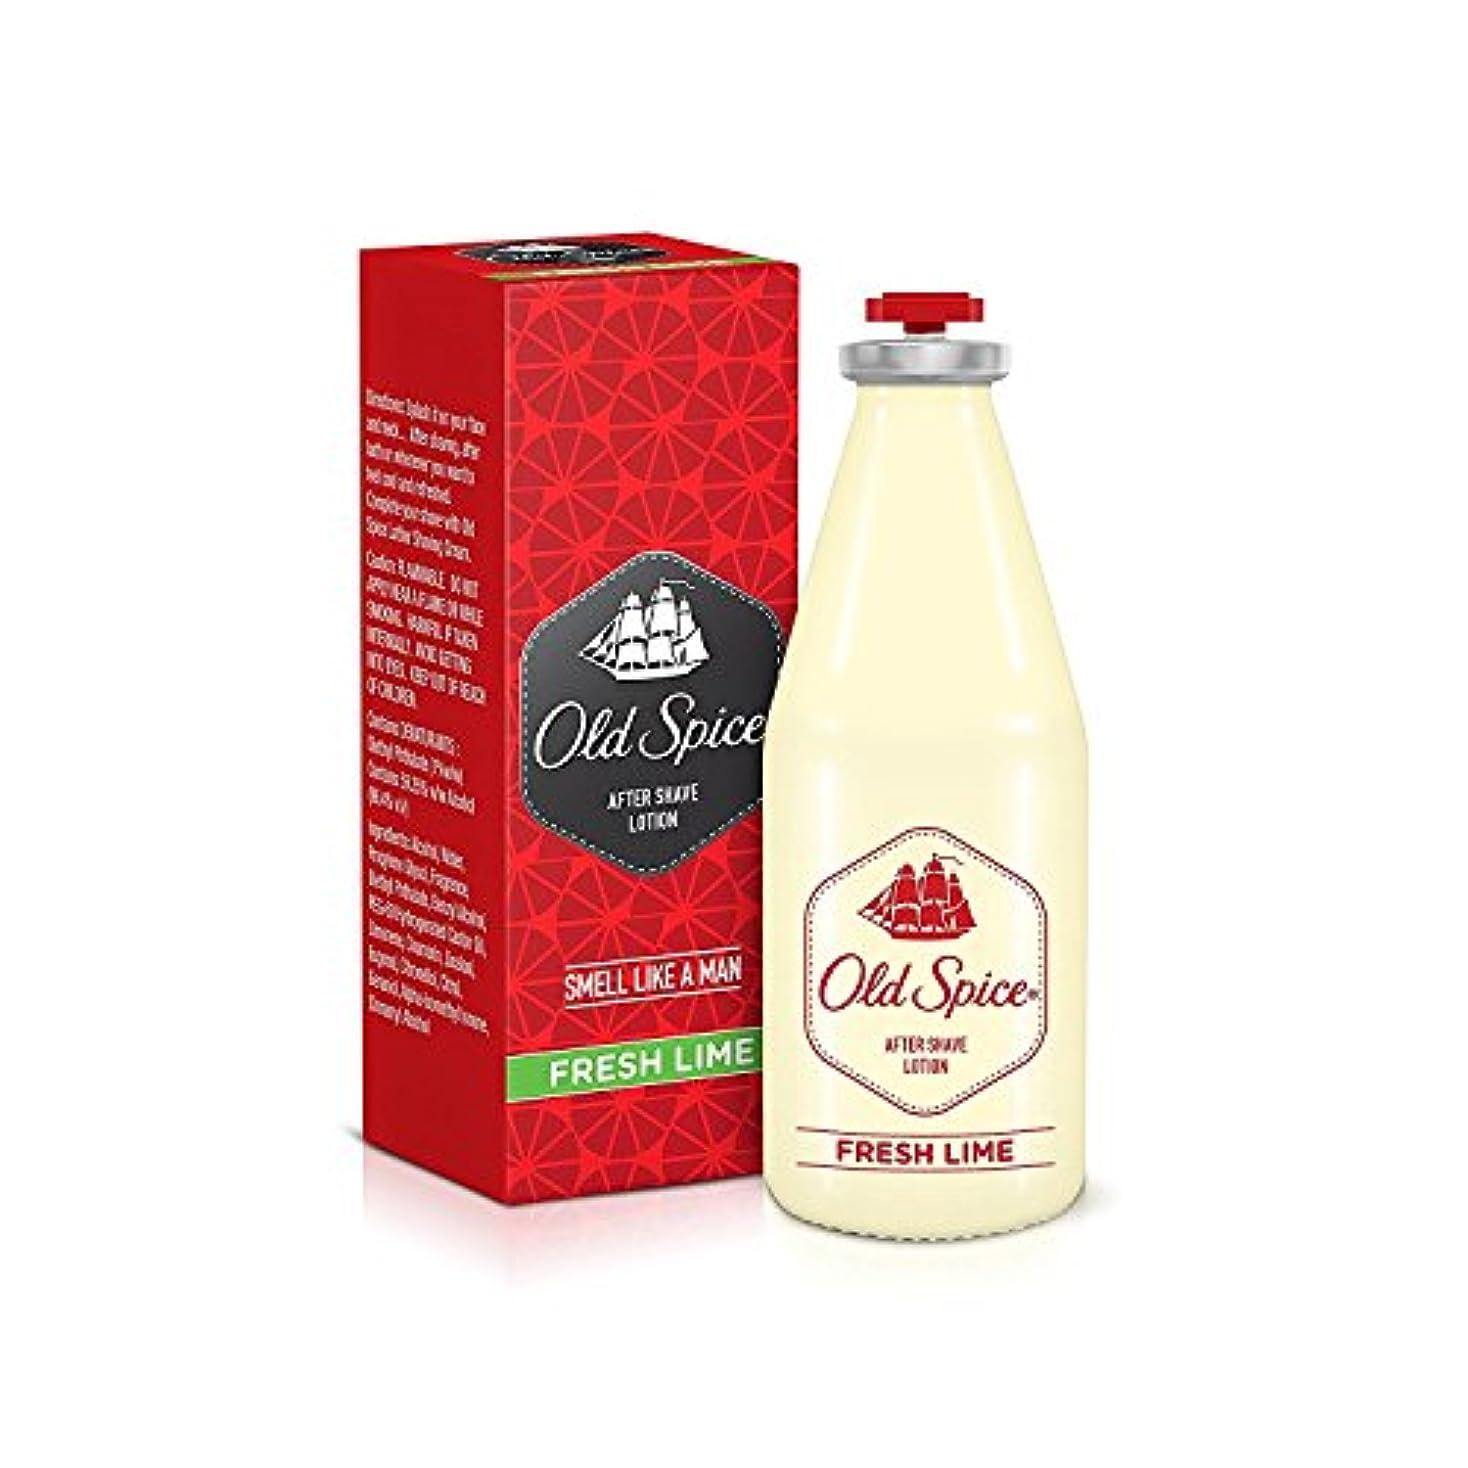 挽くなしで反対Old Spice After Shave Lotion 150ml - Fresh lime Fragrances